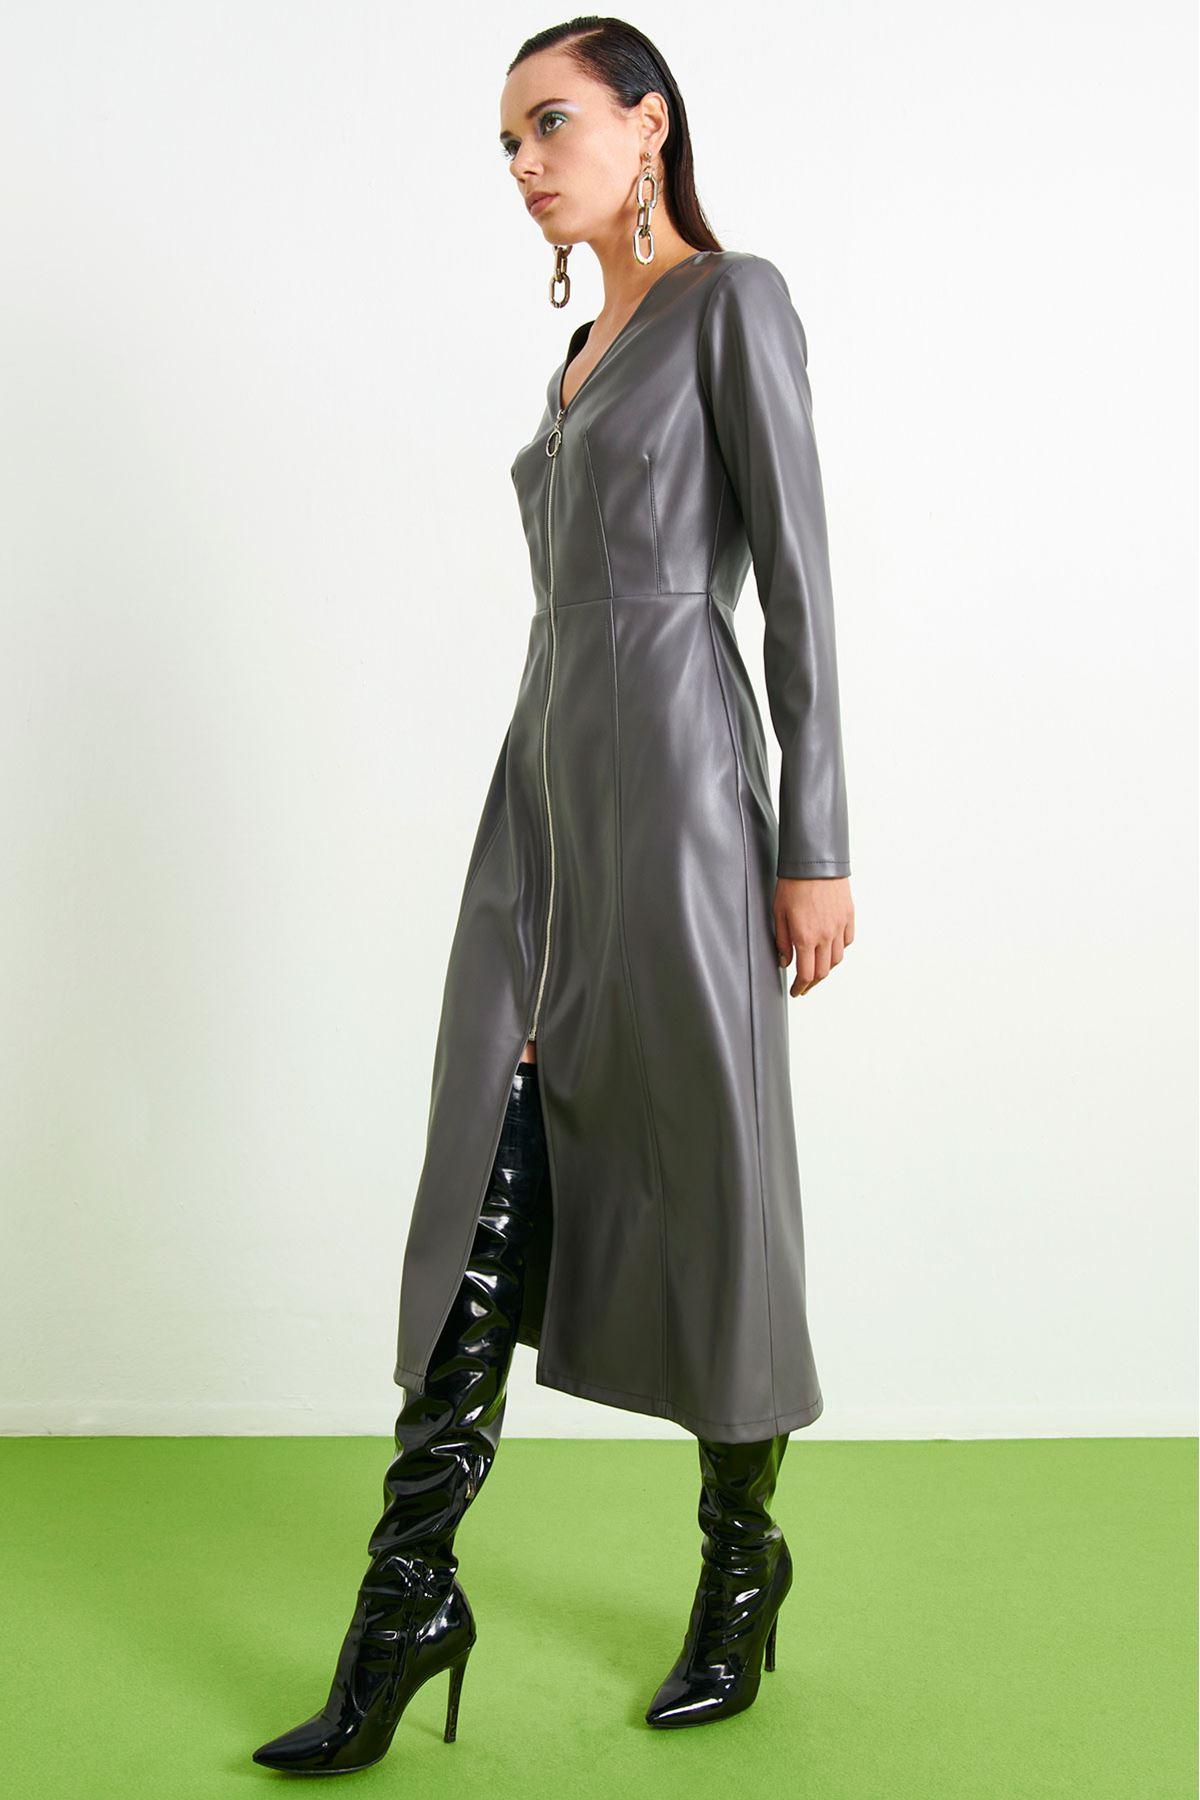 Deri Fermuarlı Elbise Gri